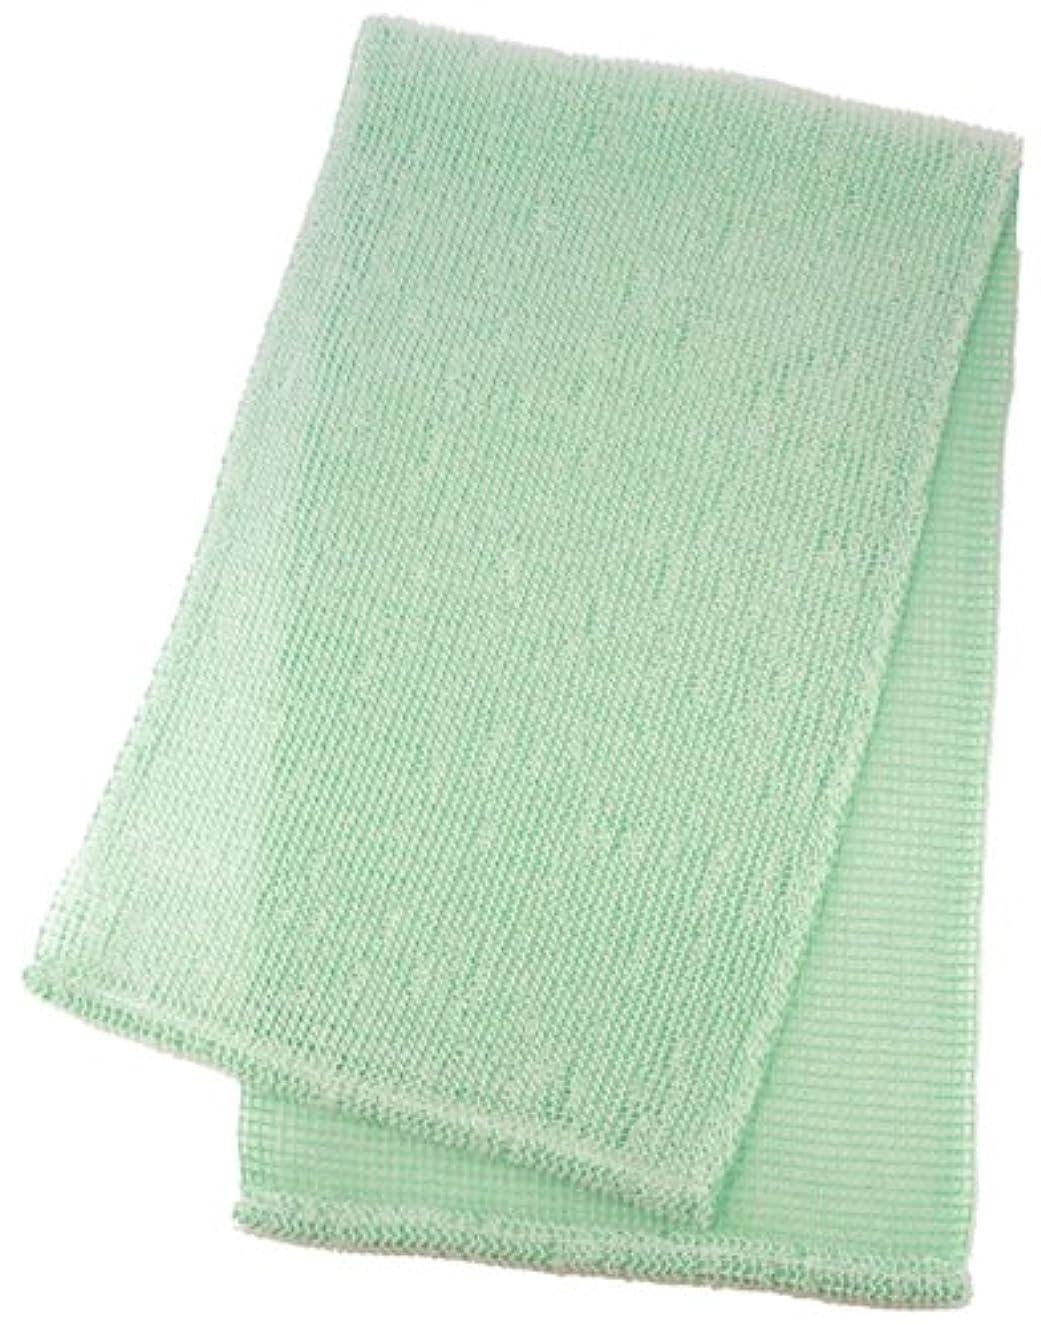 ファイバセイはさておき靴下マーナ ボディタオル 「泡工場」 グリーン B557G